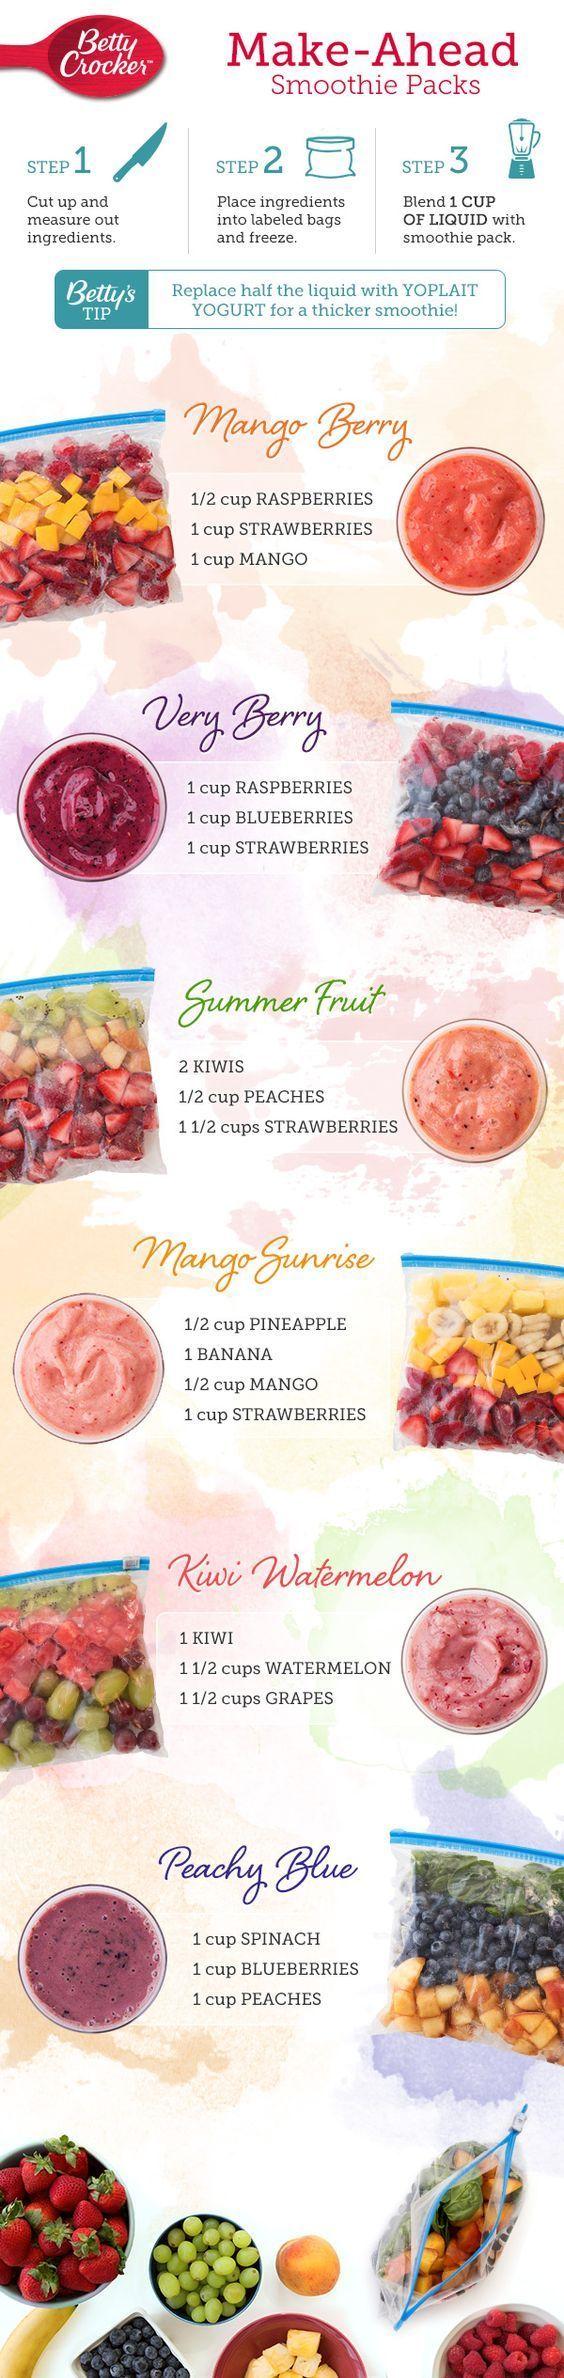 6 leckere Smoothies für einen erfrischenden Sommer!: